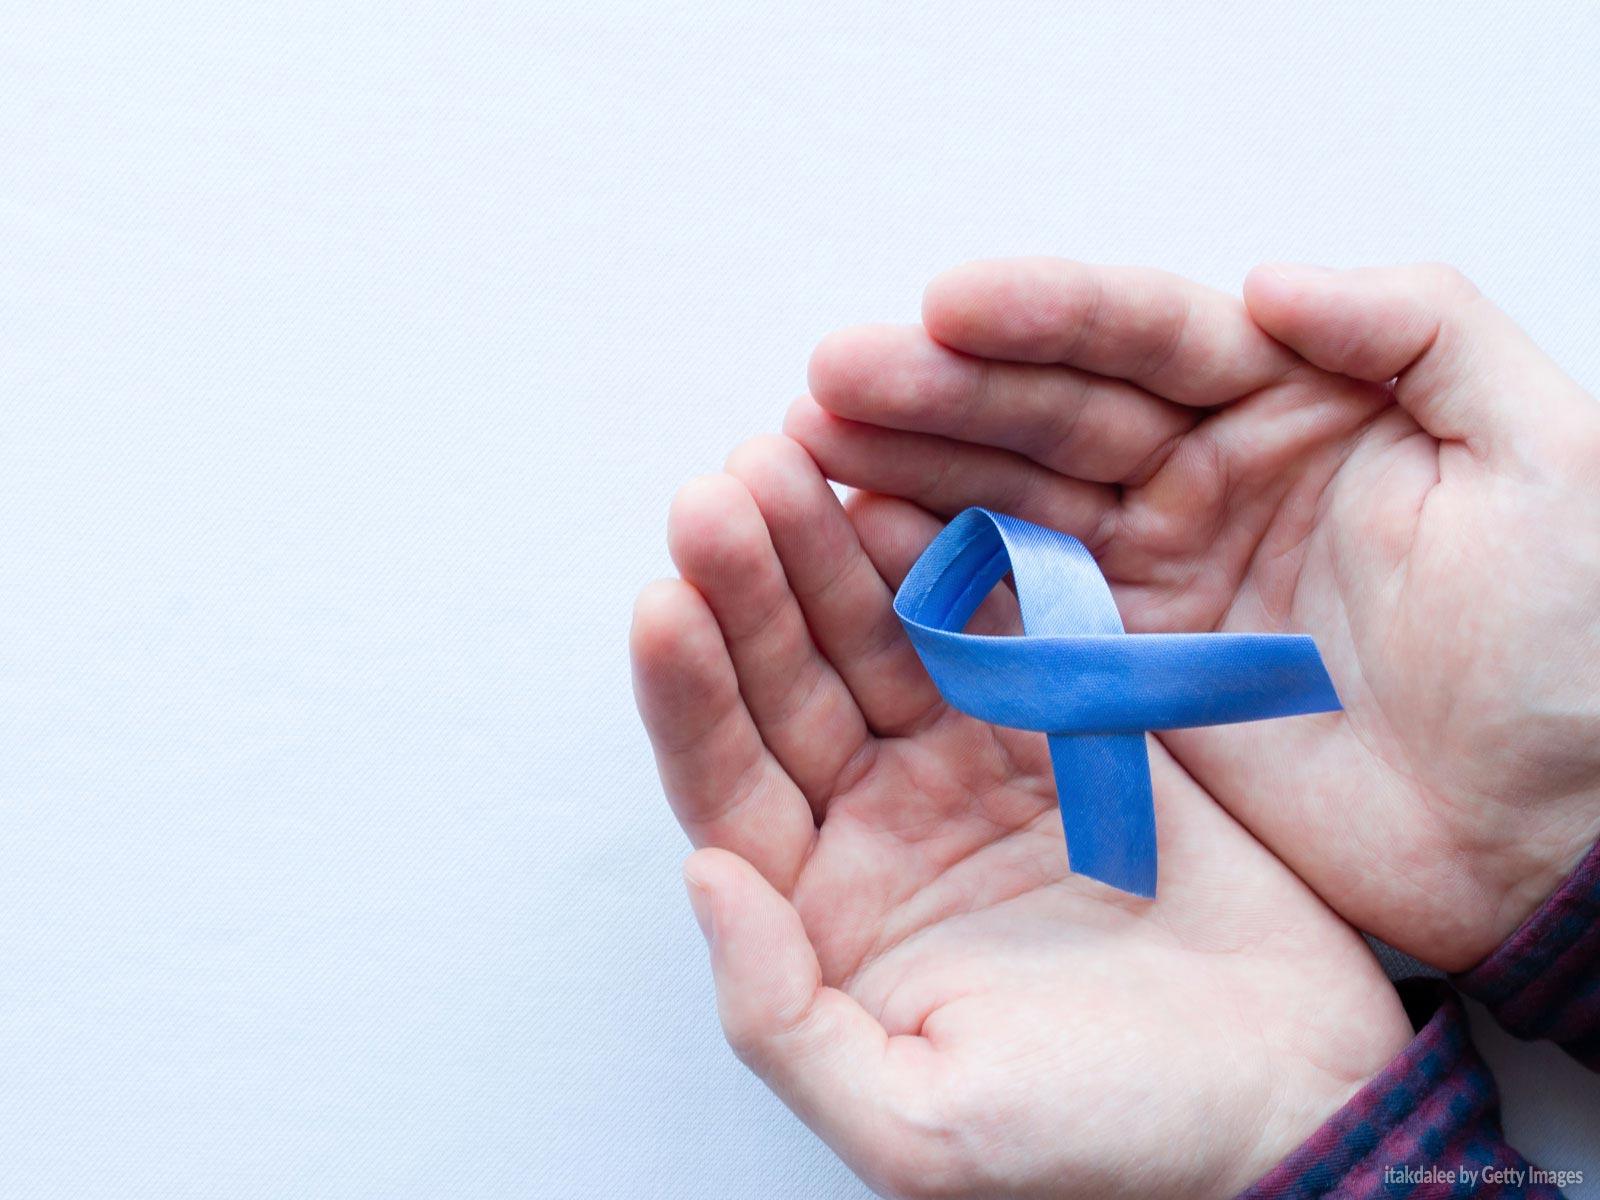 Homens-conscientização-e-prevenção-ao-câncer-de-próstata